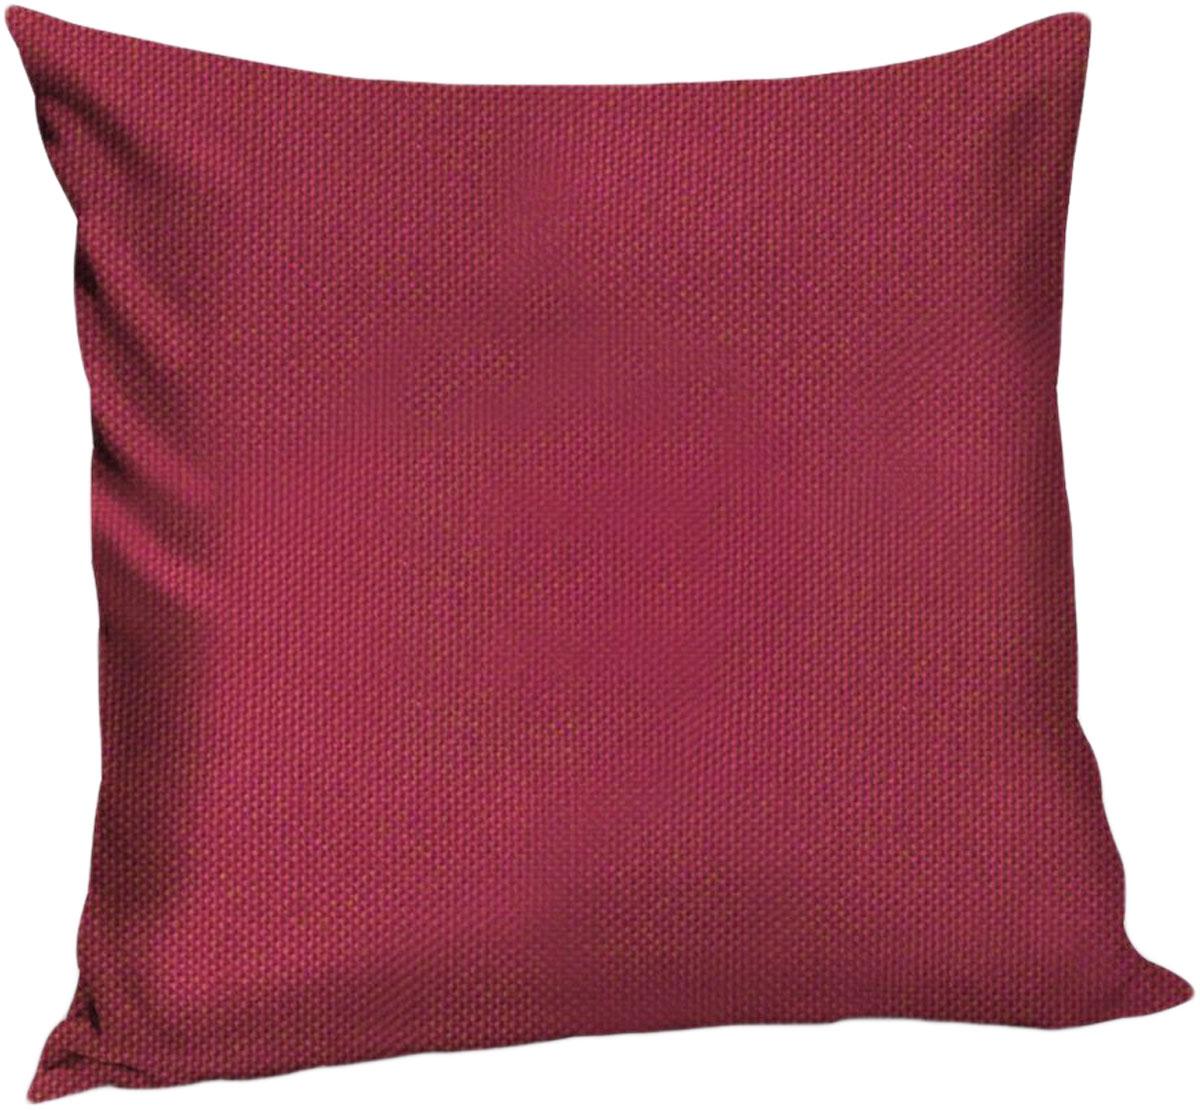 Подушка декоративная KauffOrt Комо, цвет: малиновый, 40 x 40 см3121540170Декоративная подушка Комо прекрасно дополнит интерьер спальни или гостиной. Чехолподушки выполнен из лонеты. Внутри находится мягкий наполнитель. Чехол легко снимаетсяблагодаря потайной молнии.